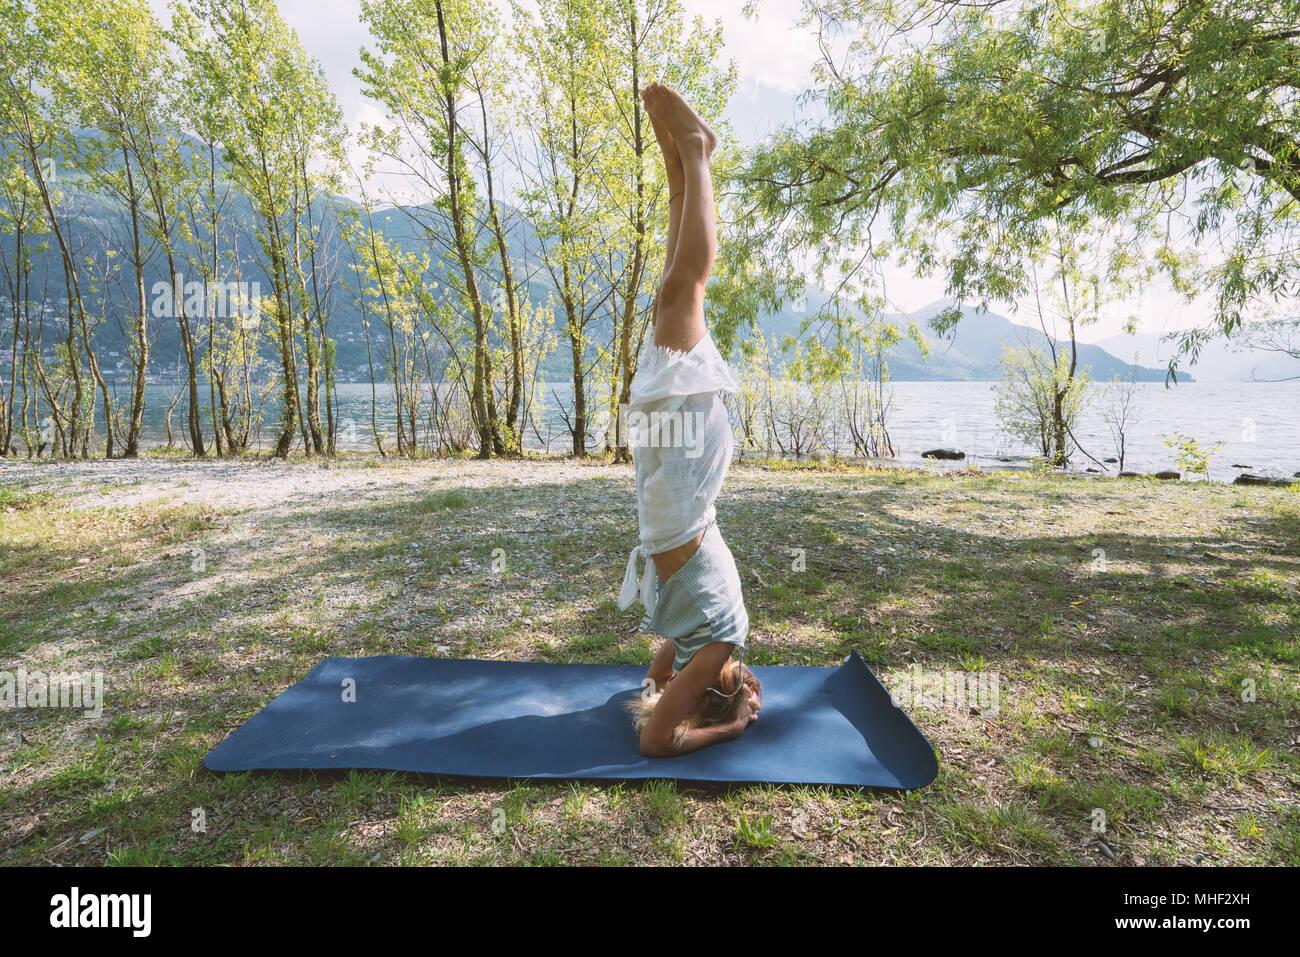 Mujer joven el ejercicio de yoga por el lago y las montañas, rodada en el cantón del Tesino, Suiza, Europa. La gente bienestar relajación concepto Imagen De Stock